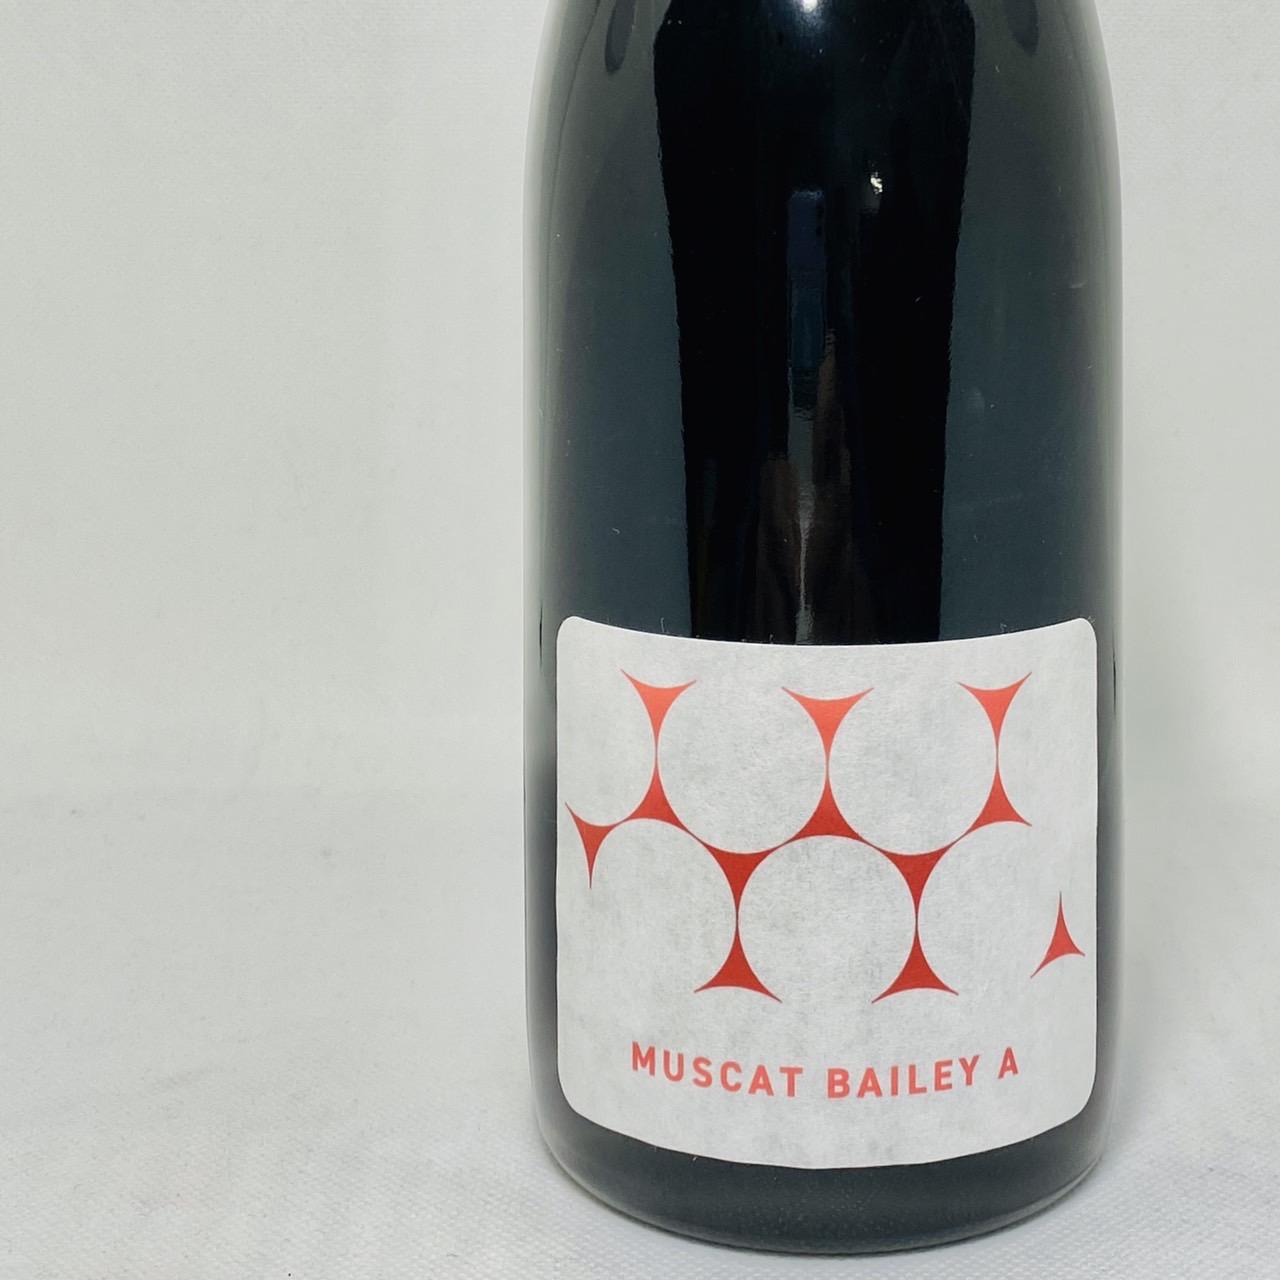 島之内フジマル醸造所 / マスカットベイリーA 2020年(赤)